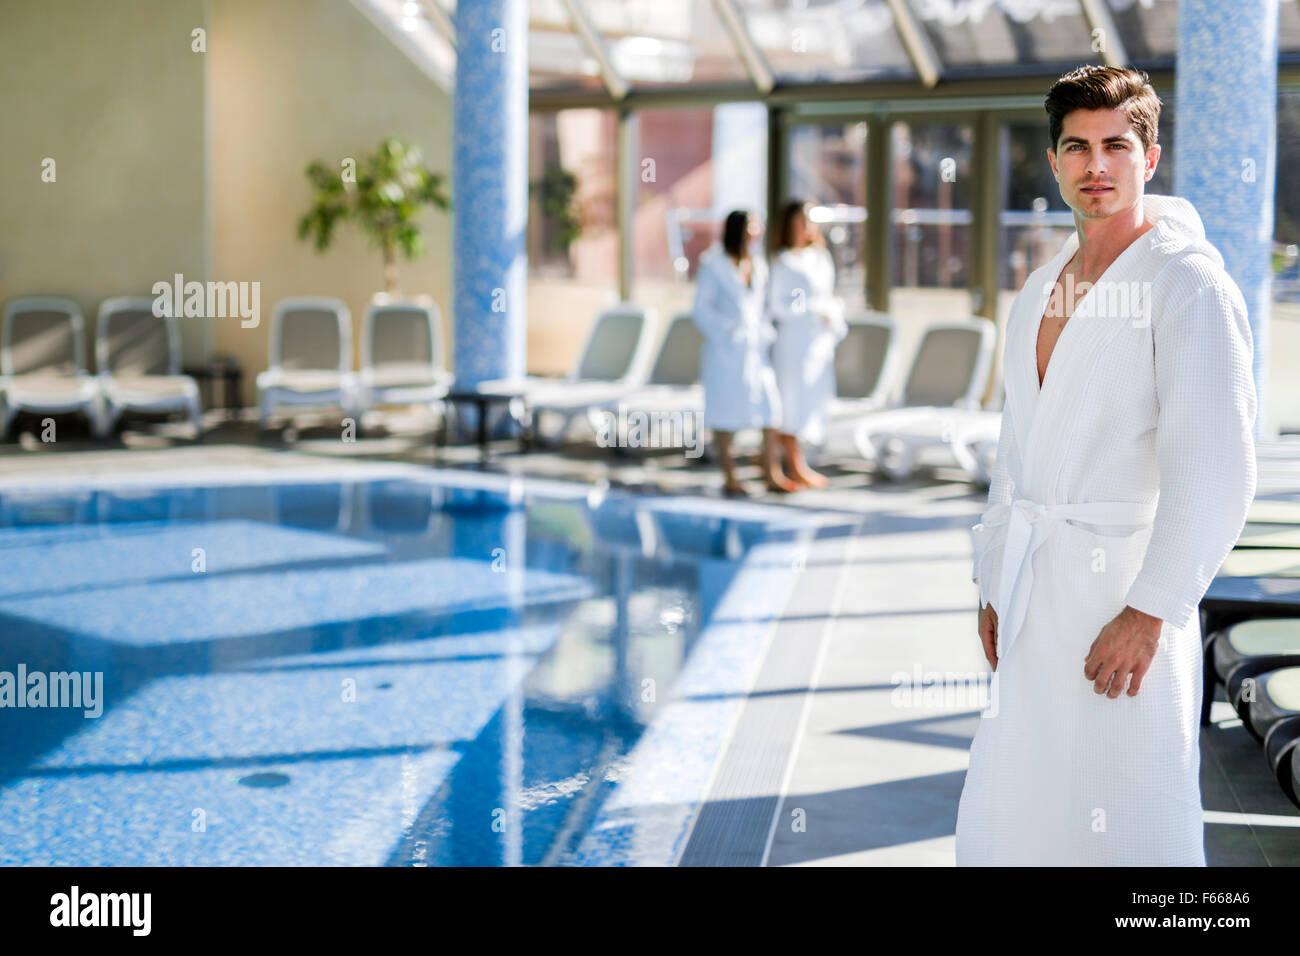 Uomo in piedi accanto ad una piscina in un accappatoio e rilassante Immagini Stock